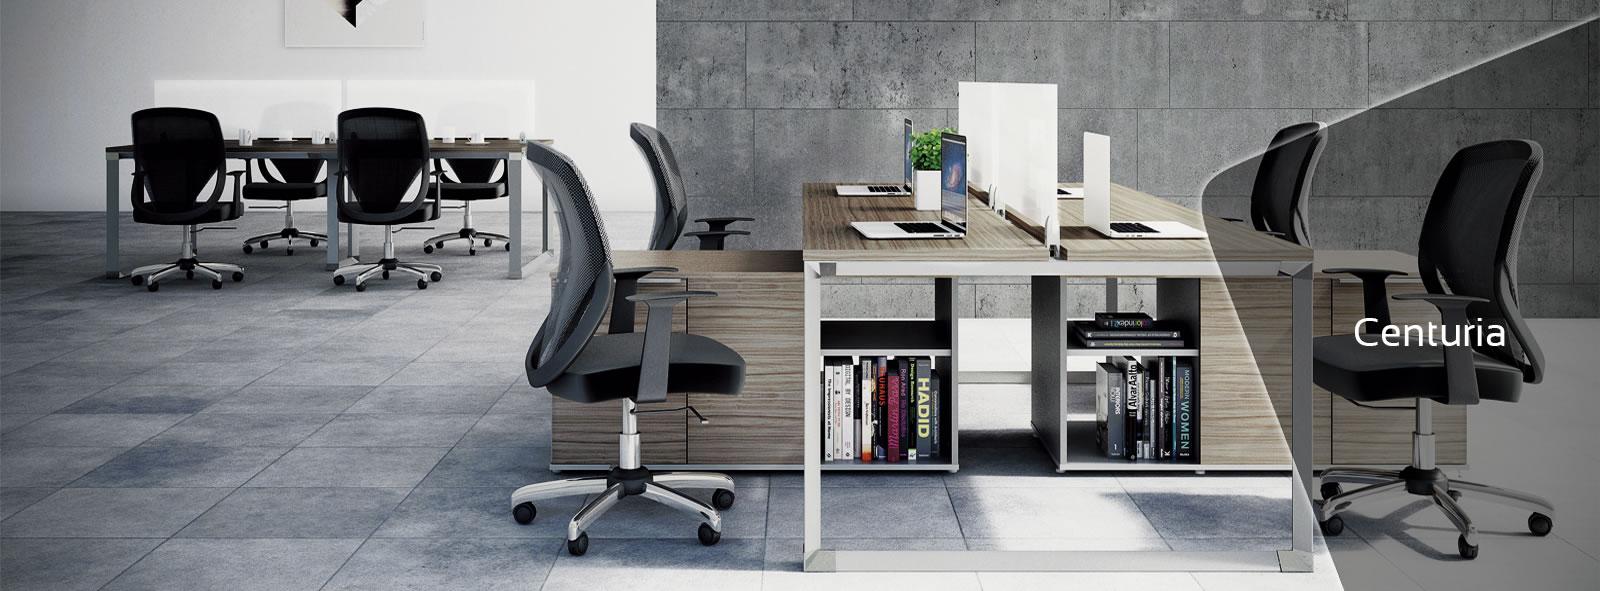 Muebles de oficina en quer taro muebles de oficina for Muebles y sillas para oficina